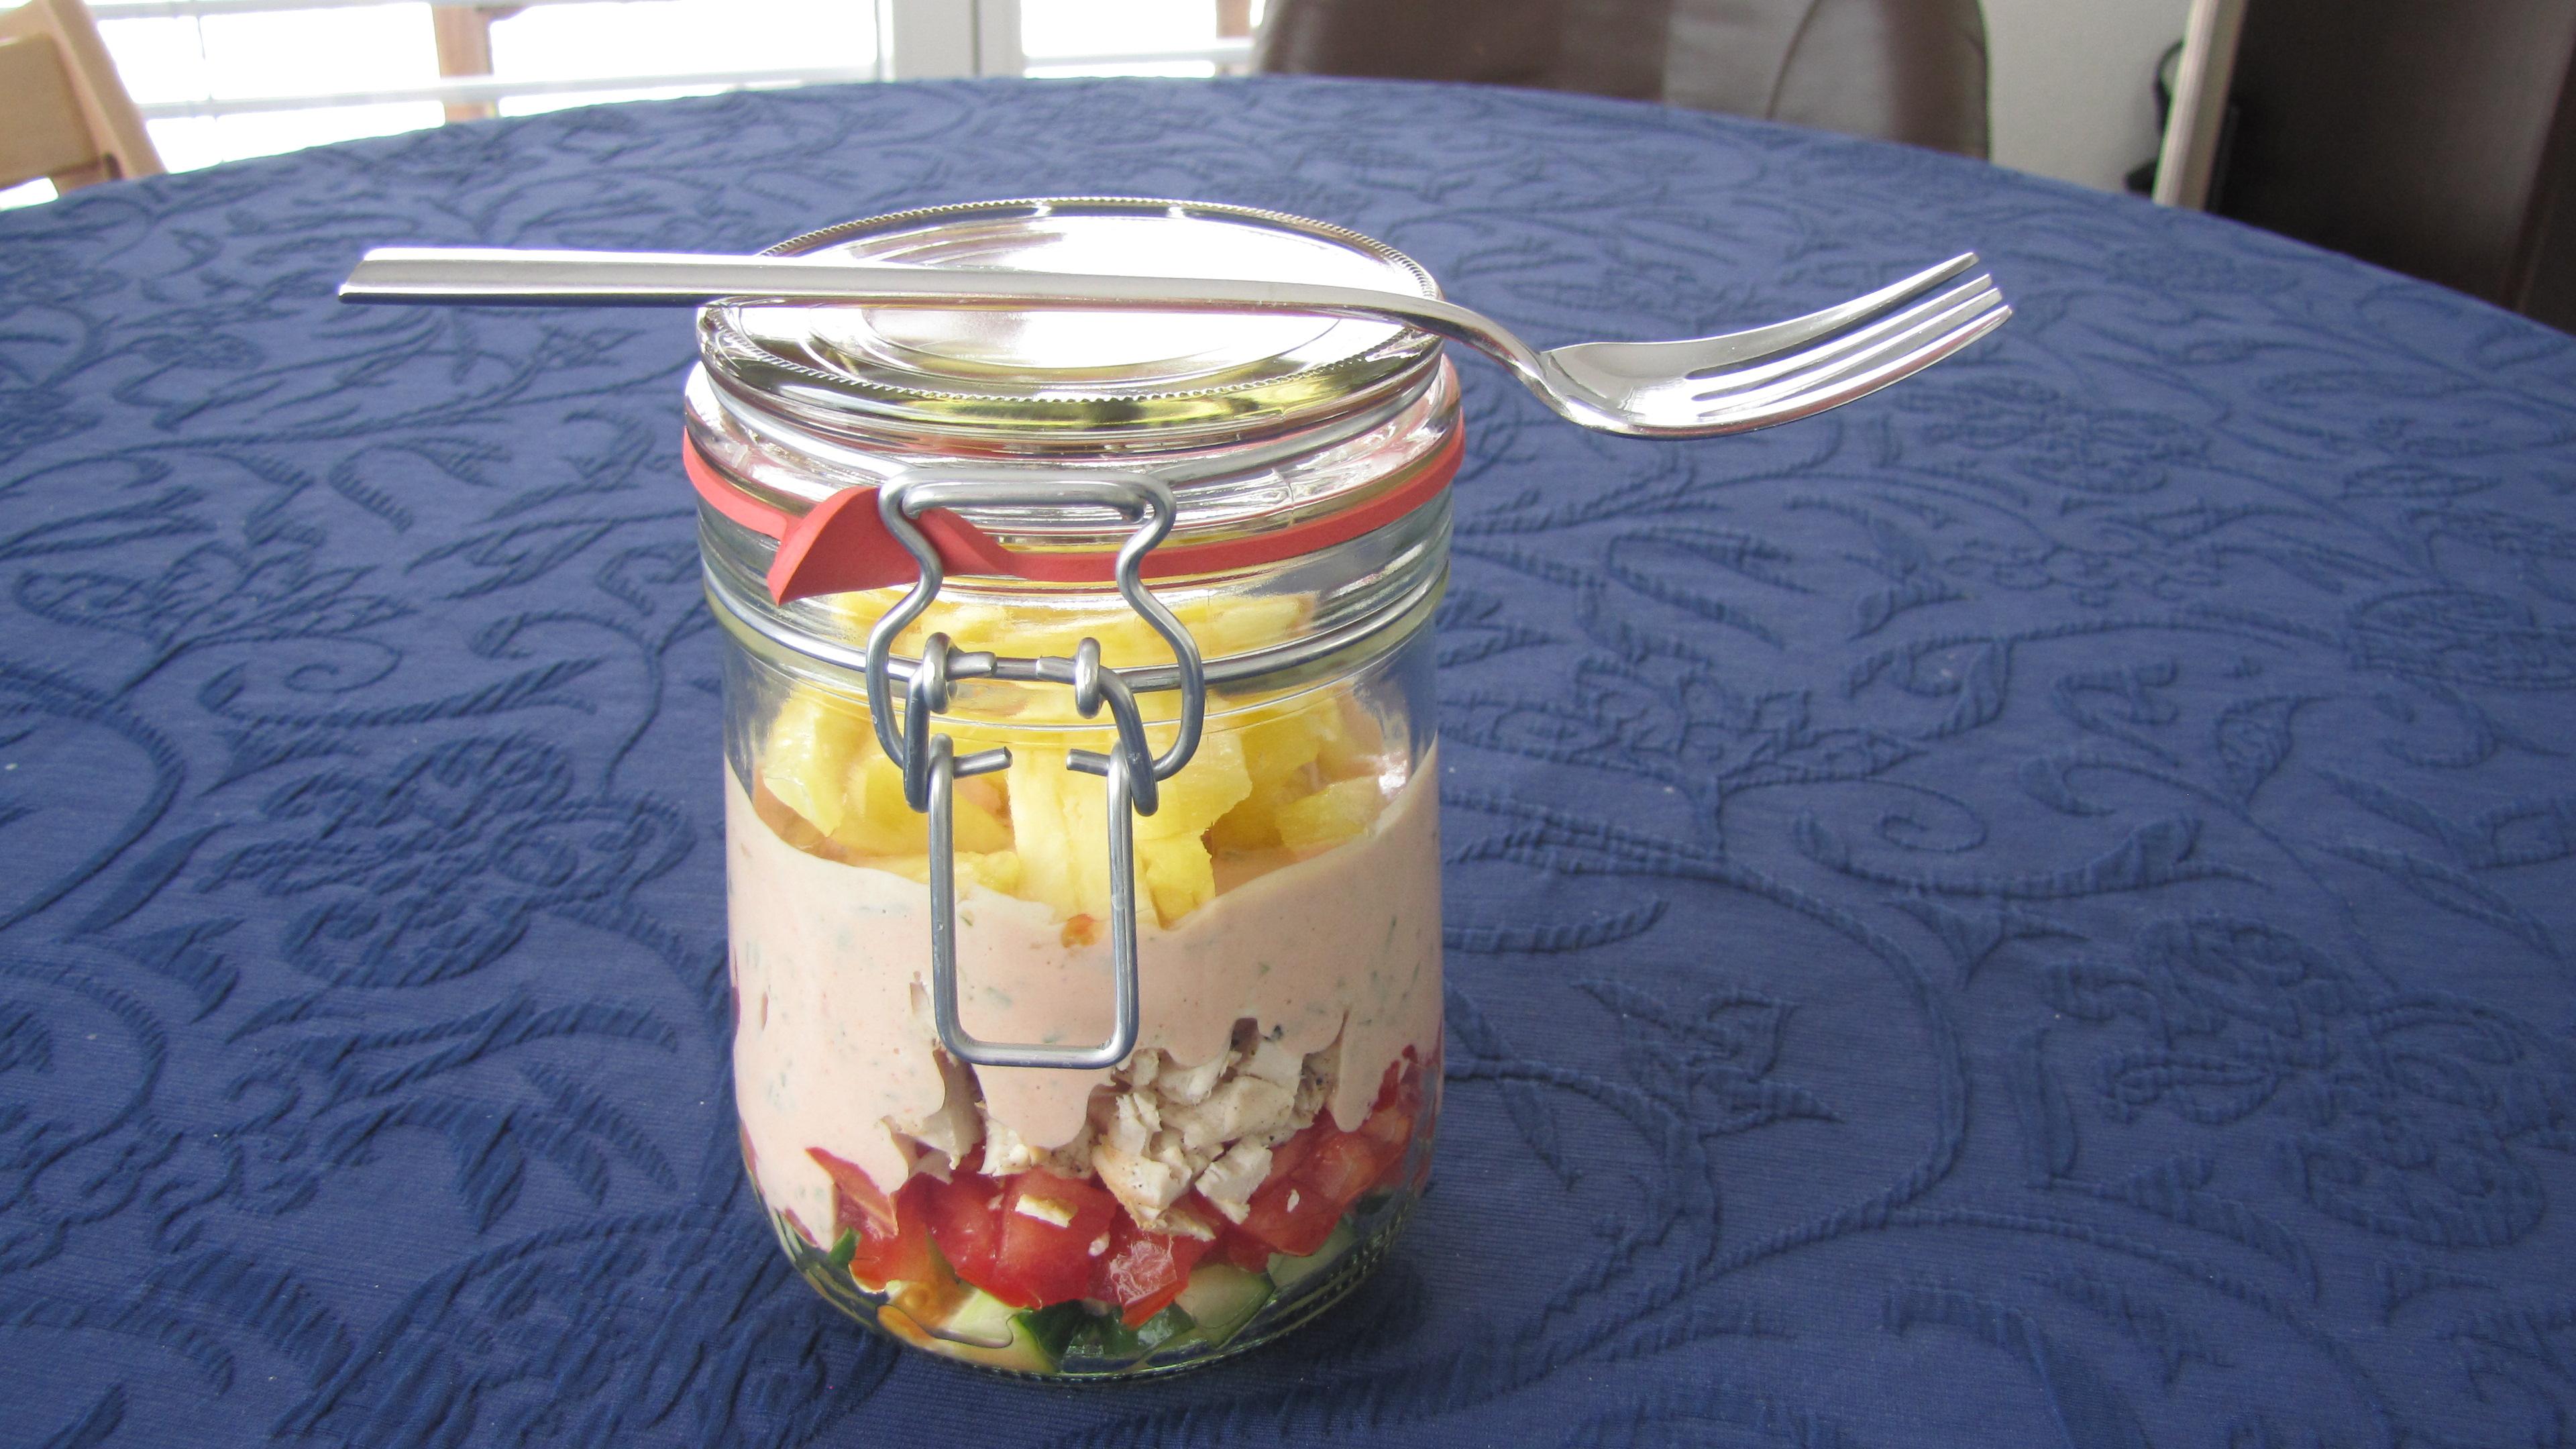 Das Dressing passt zu Blattsalaten und besonders gut zu Gemüsesalaten. Die letztgenannten sind ideale Sattmacher. Mit etwas magerem Fleisch halten sie zudem auch noch lange satt. So einen Salat kann man auch Low Carb zubereiten. Er lässt sich zudem schon am Vorabend zubereiten.